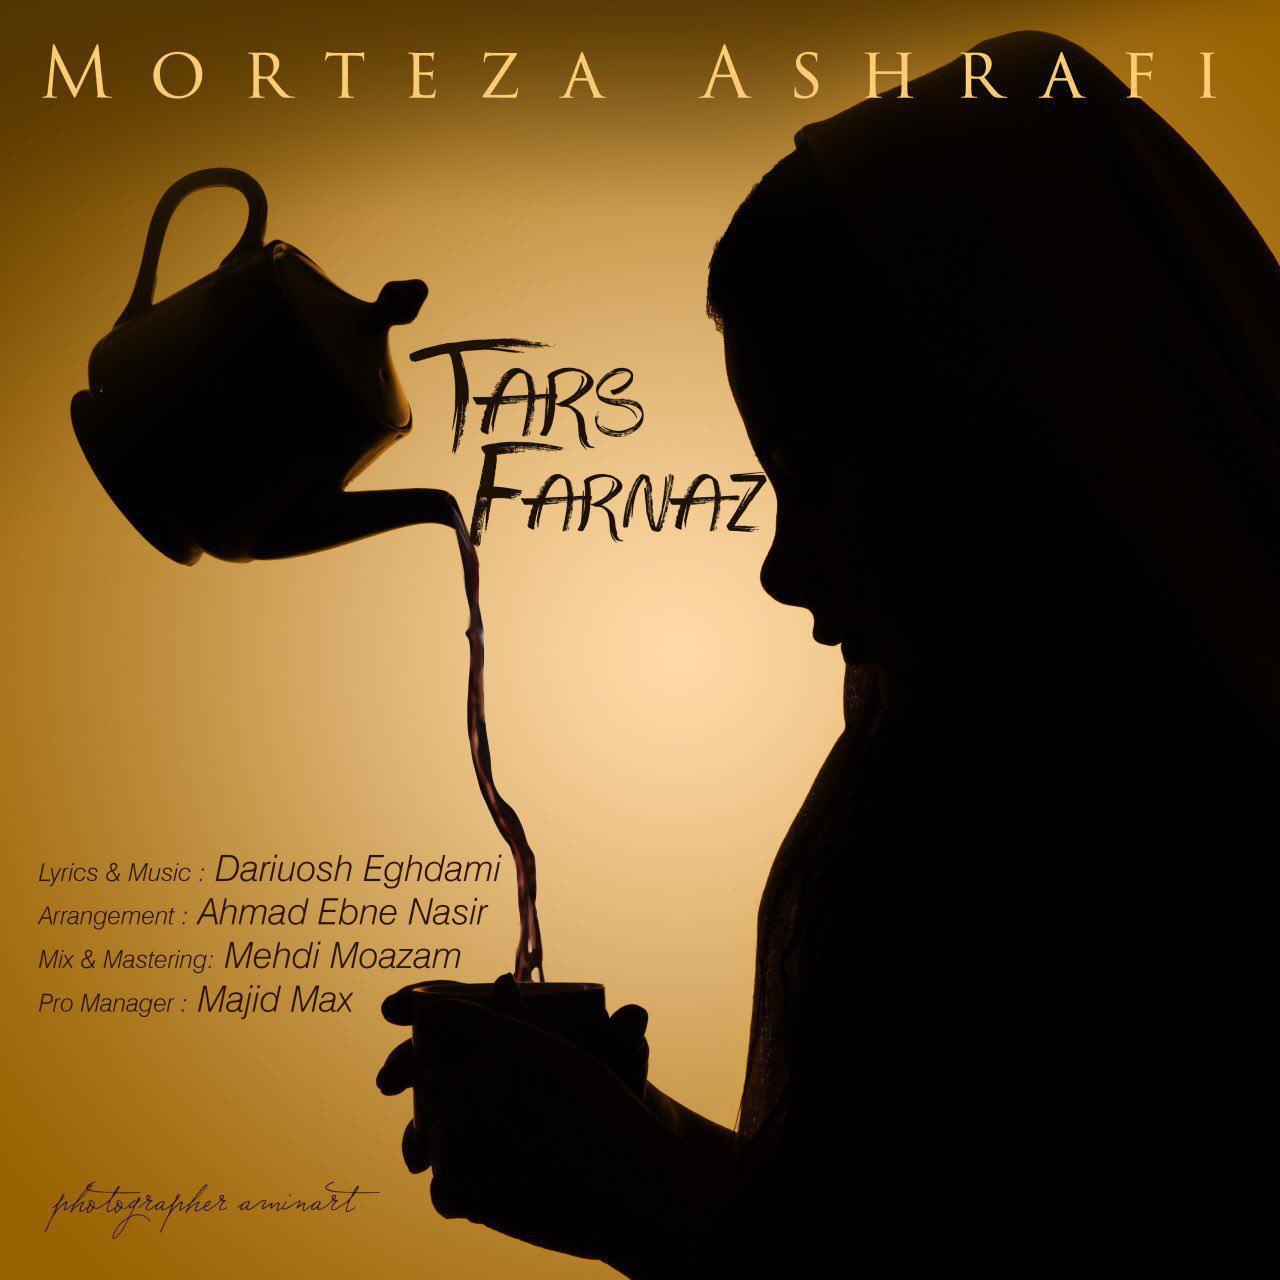 Morteza Ashrafi – Tars Farnaz